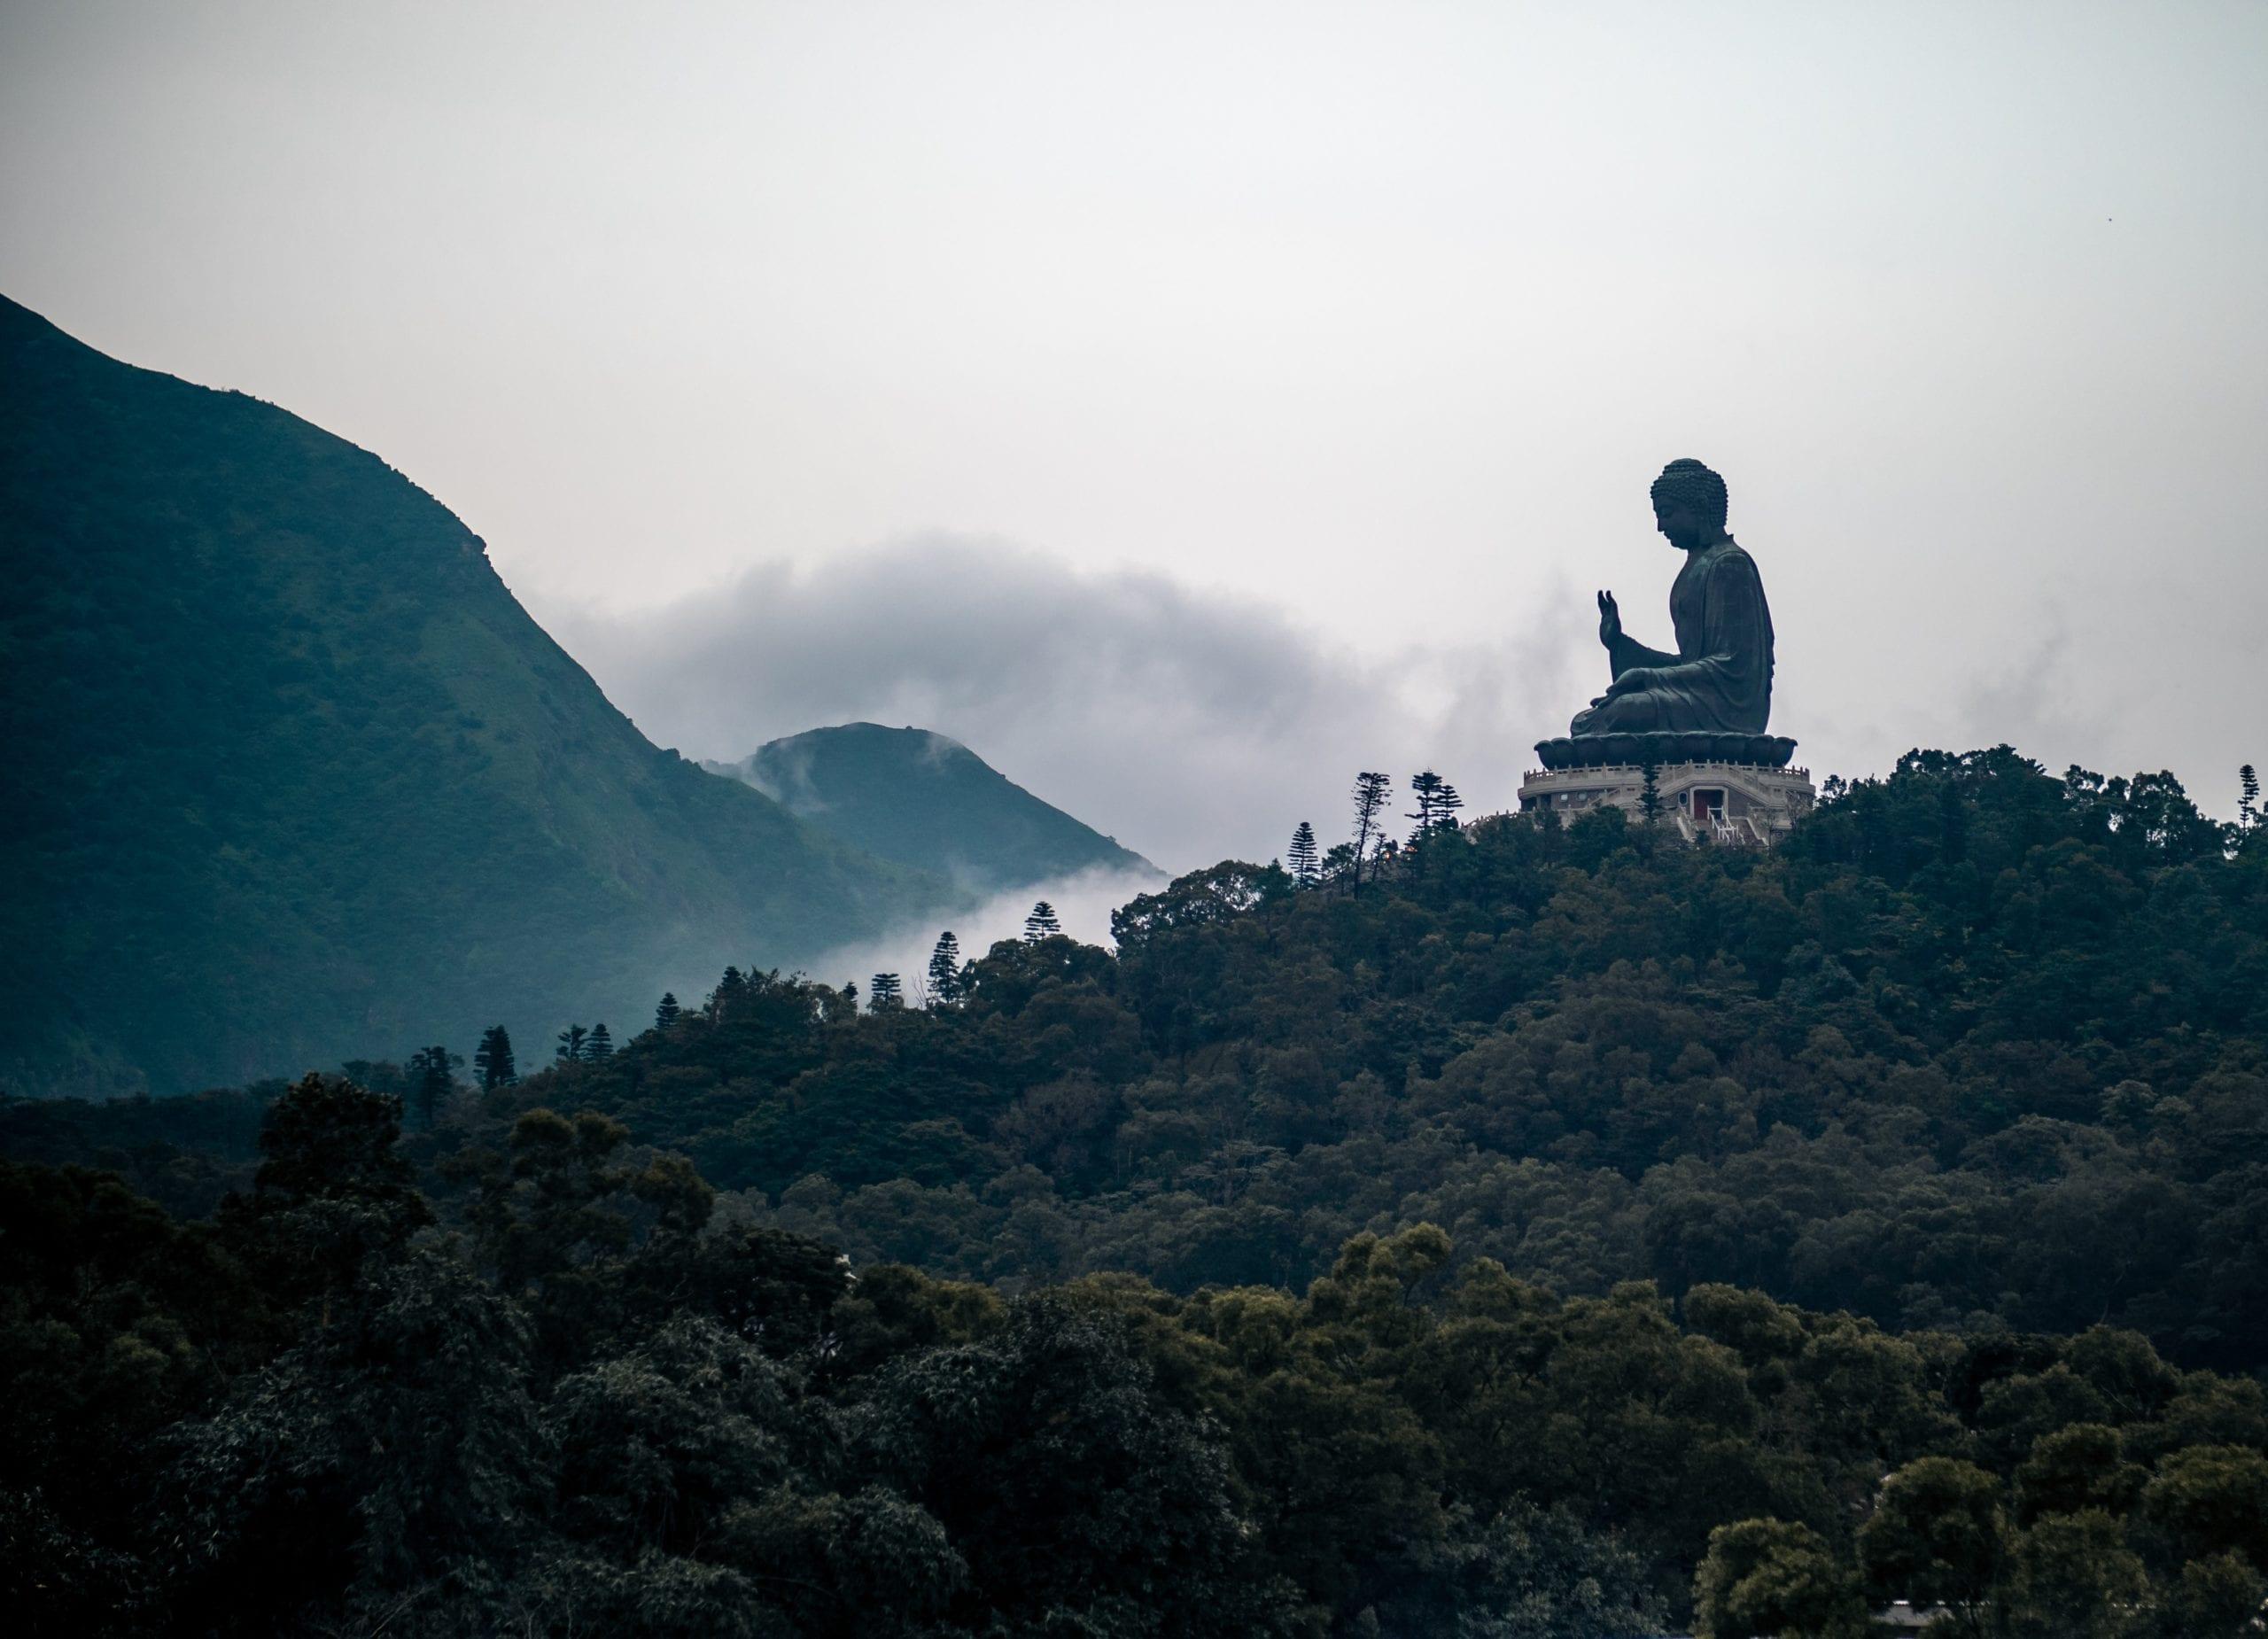 estatue zen budista